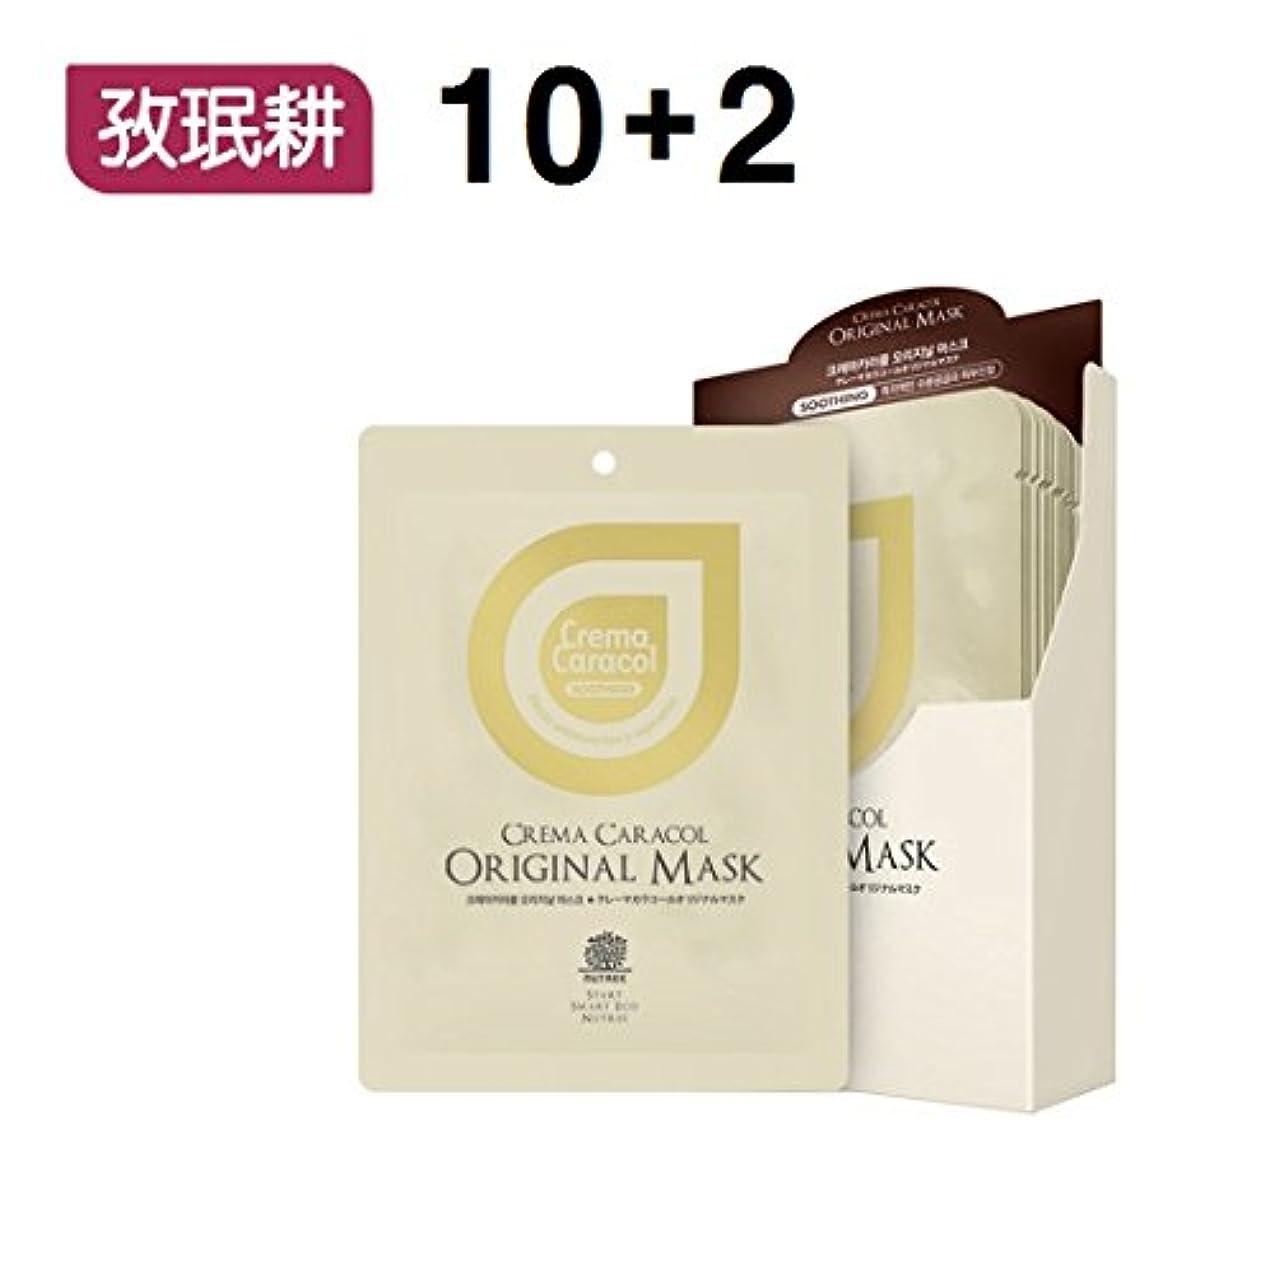 スライム死の顎グラフィックJaminkyung Crema Caracol Original Mask 10+2 / ジャミンギョン クレマカラコールオリジナルマスク 10+2 [並行輸入品]